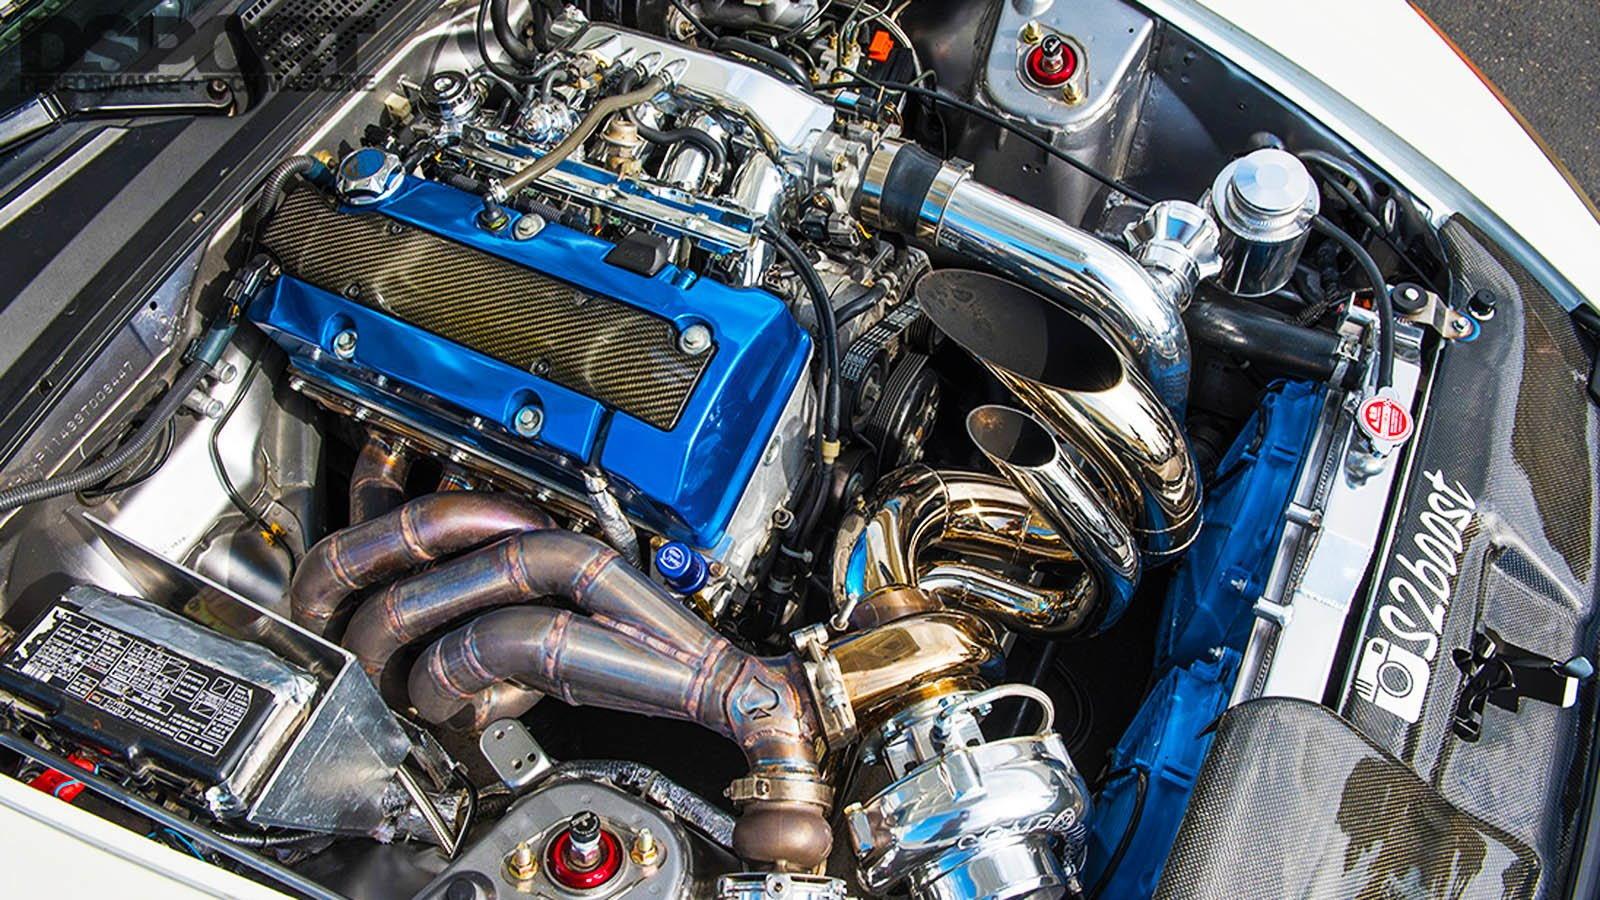 Ways to Modify your S2000 engine